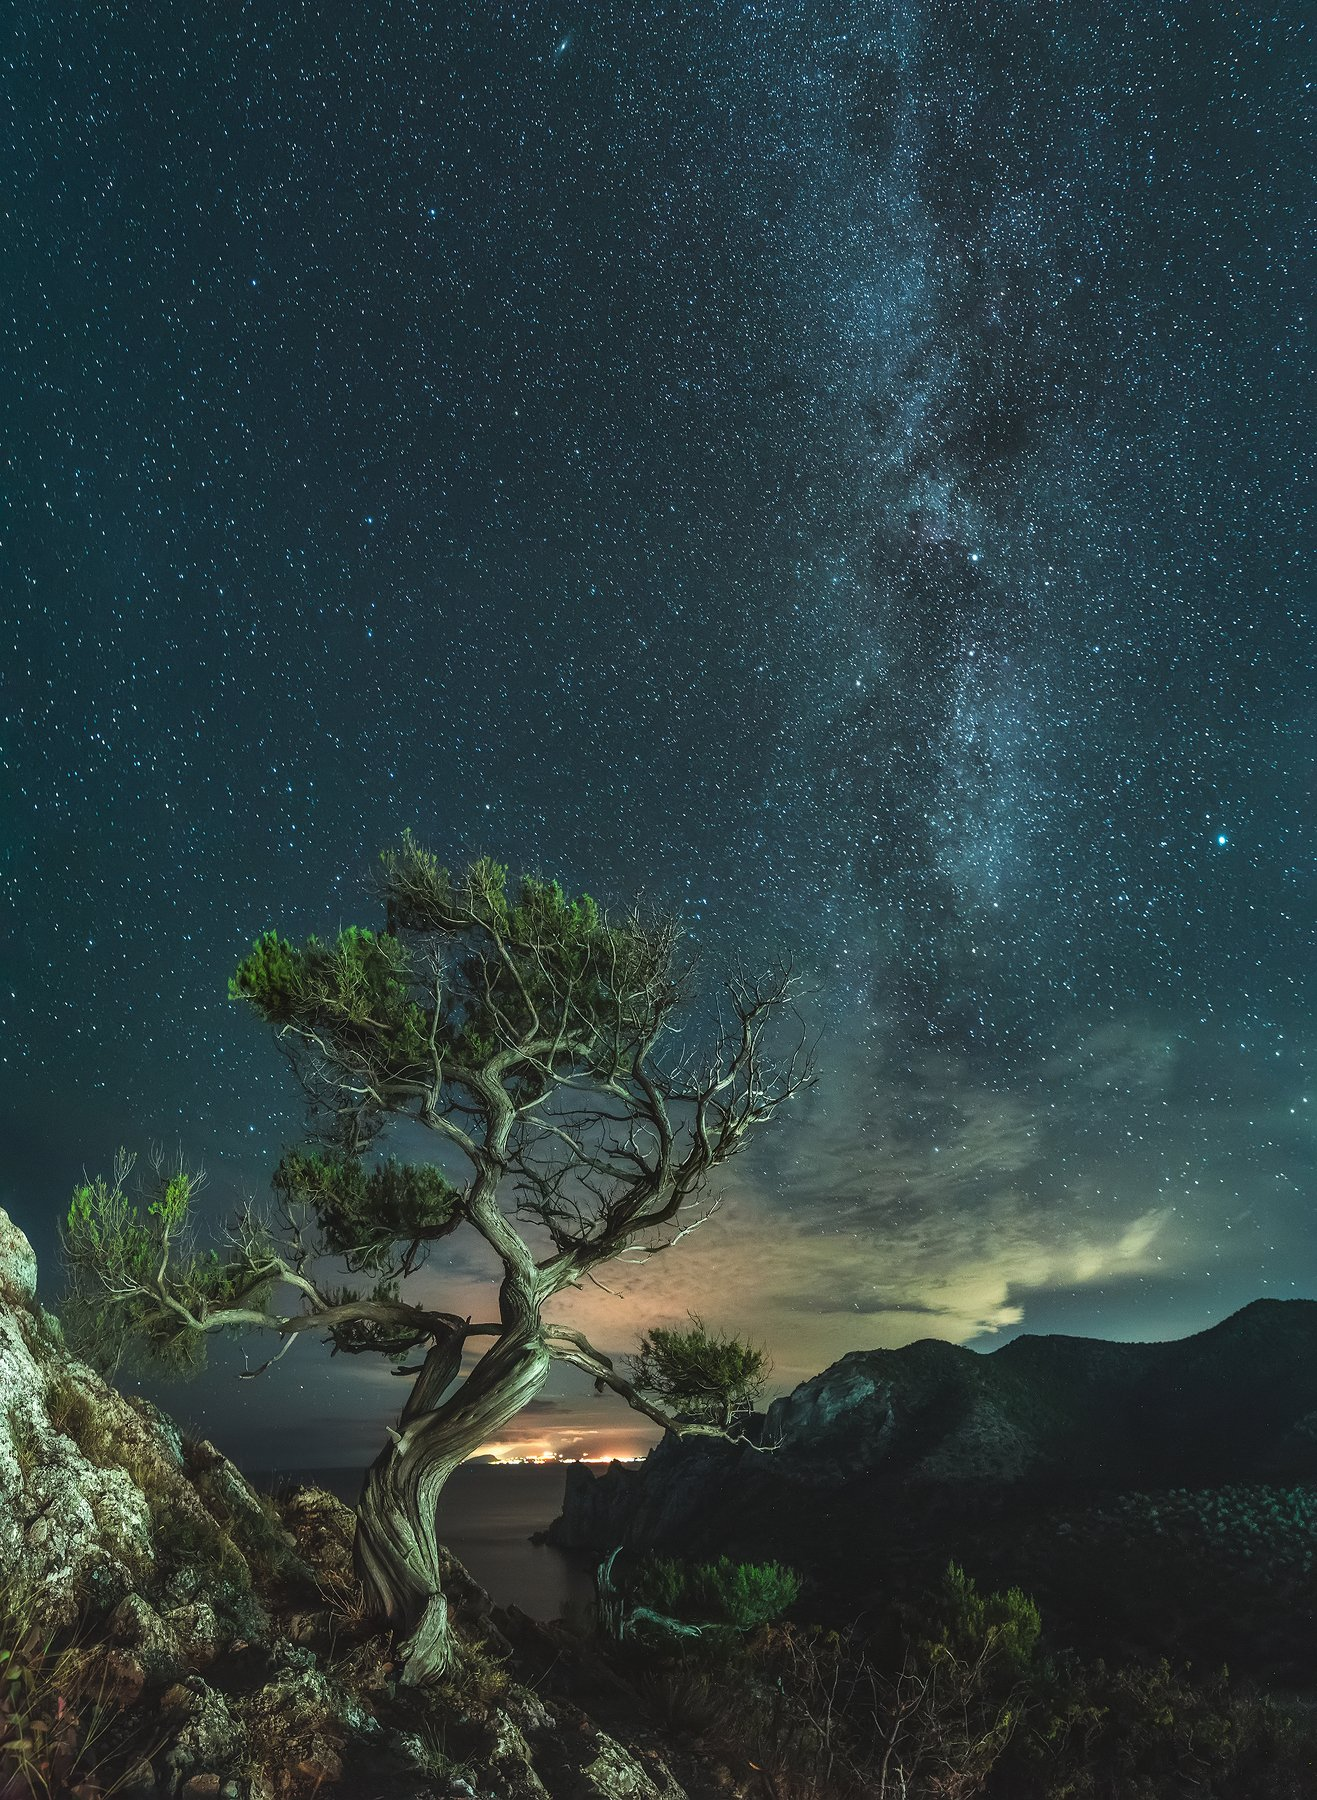 крым, новый свет, ночное фото, ночь, море, черное море, астрофотография, crimea, novyi svit, night photo, night, sea, black sea, astrophotography, Алексей Юницын